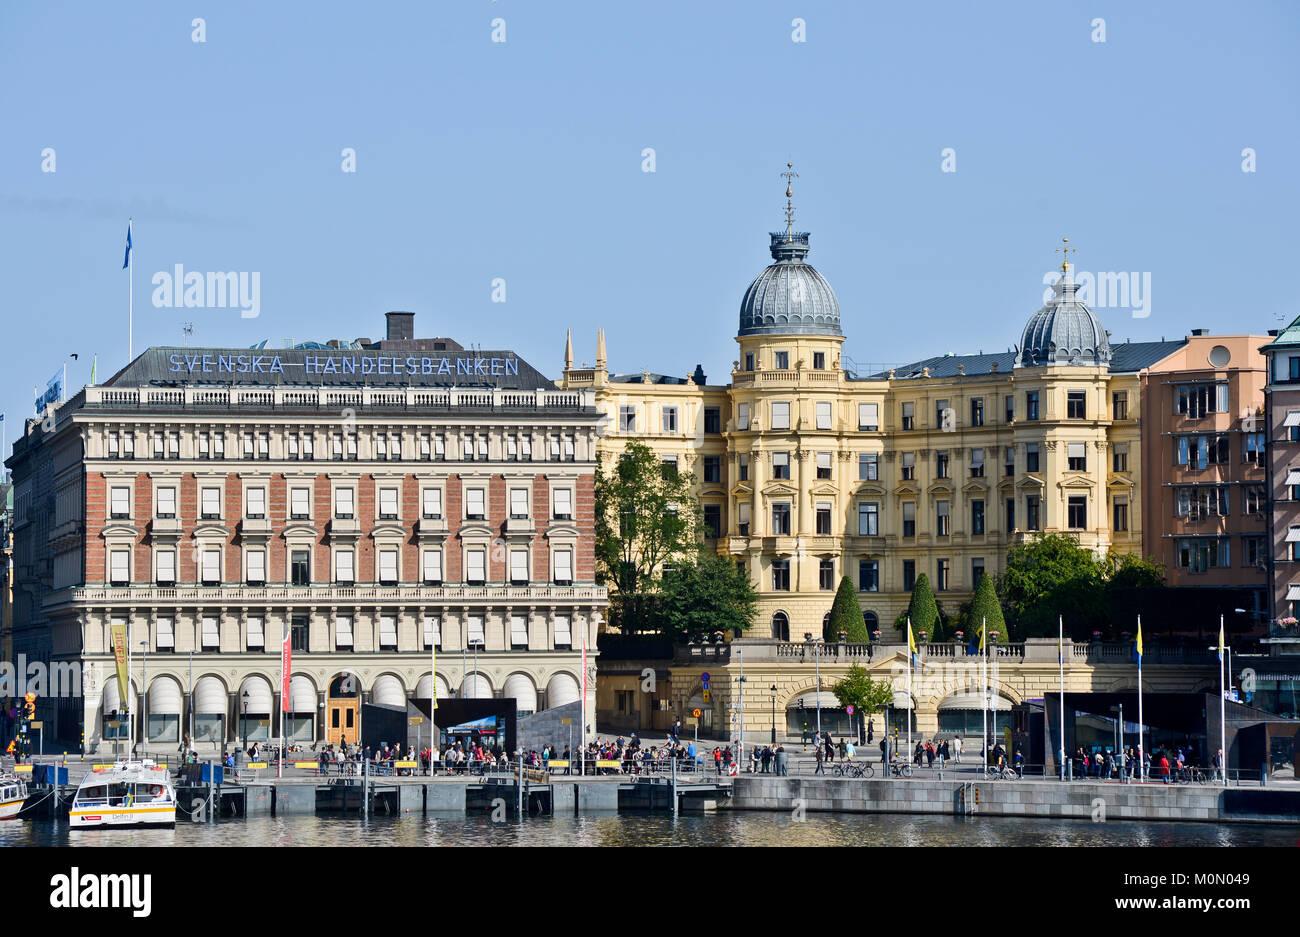 Svenska Handelsbanken, Stockholm, Sweden - Stock Image